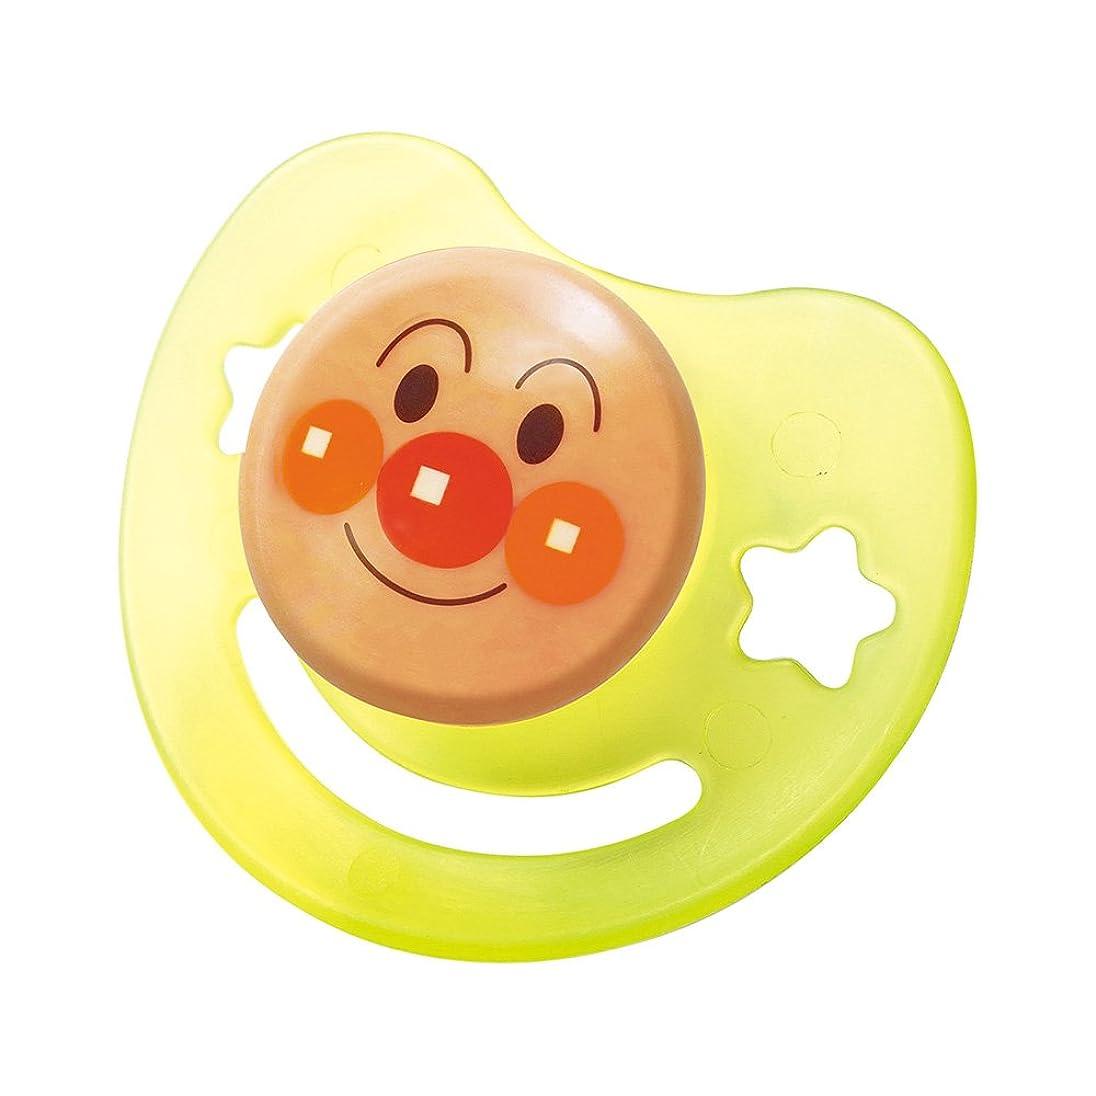 真鍮パラダイスがんばり続けるヌーク NUK おしゃぶり きれいな歯並びのために ジーニアス 2.0 (キャップ付)M【6~18ヶ月】/シリコーン/ホエール【ドイツ製】【ママの乳首を再現】 OCNK4020111